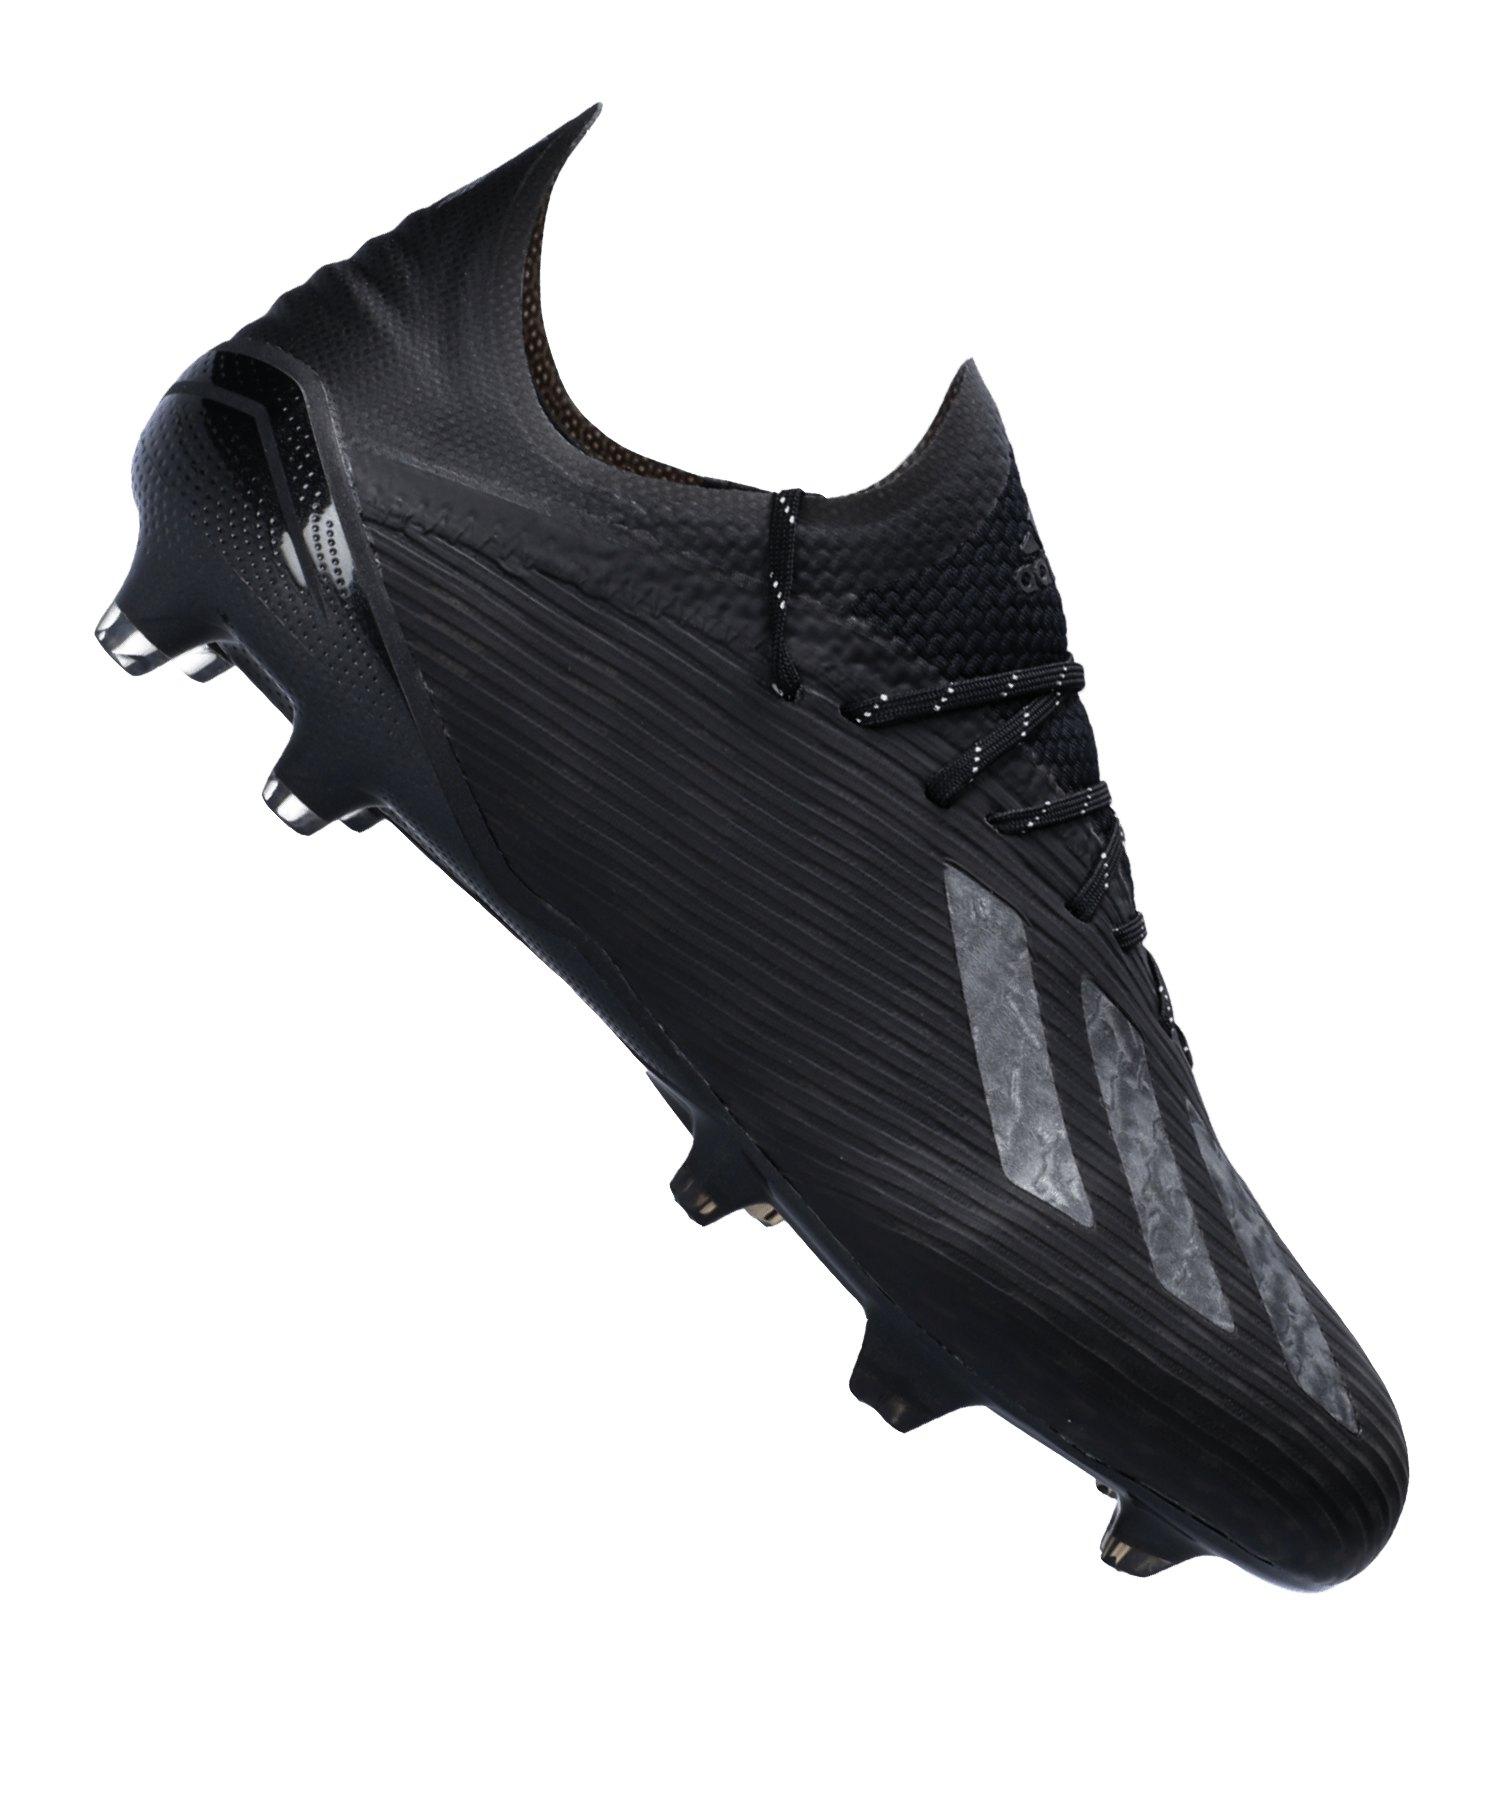 adidas X 19.1 FG Schwarz Silber - schwarz